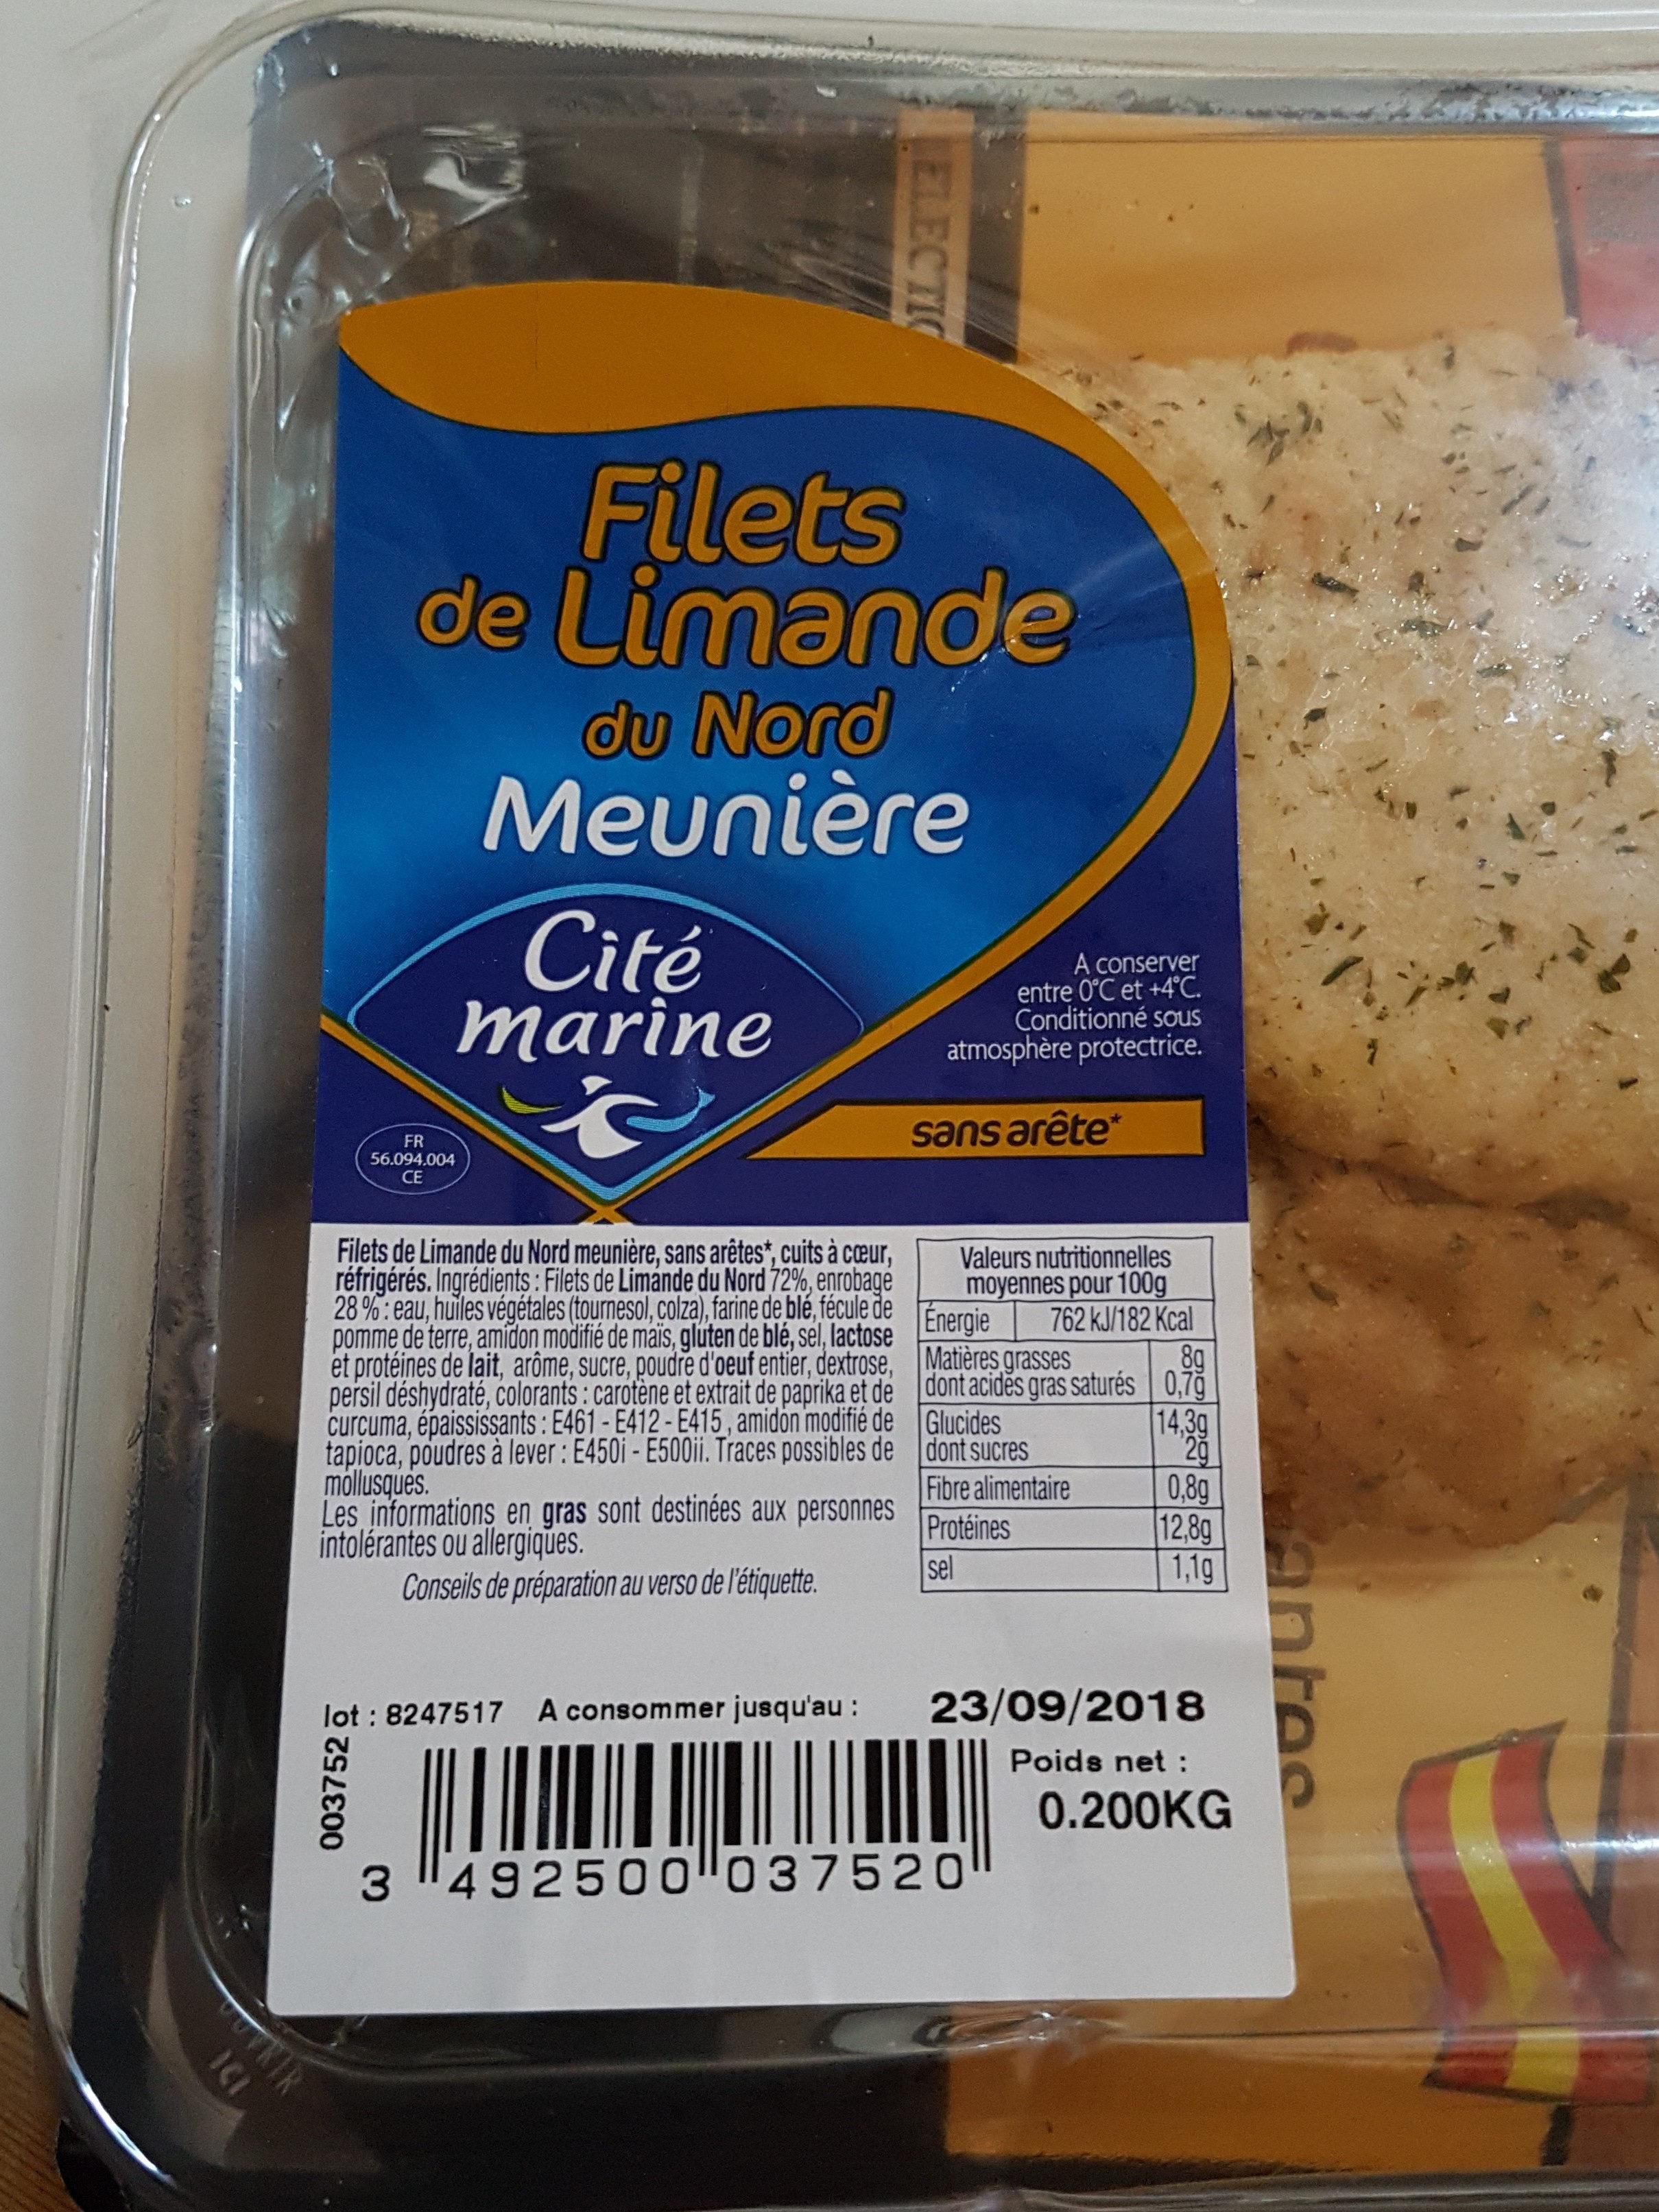 filets de limande du nord meuniere - Product